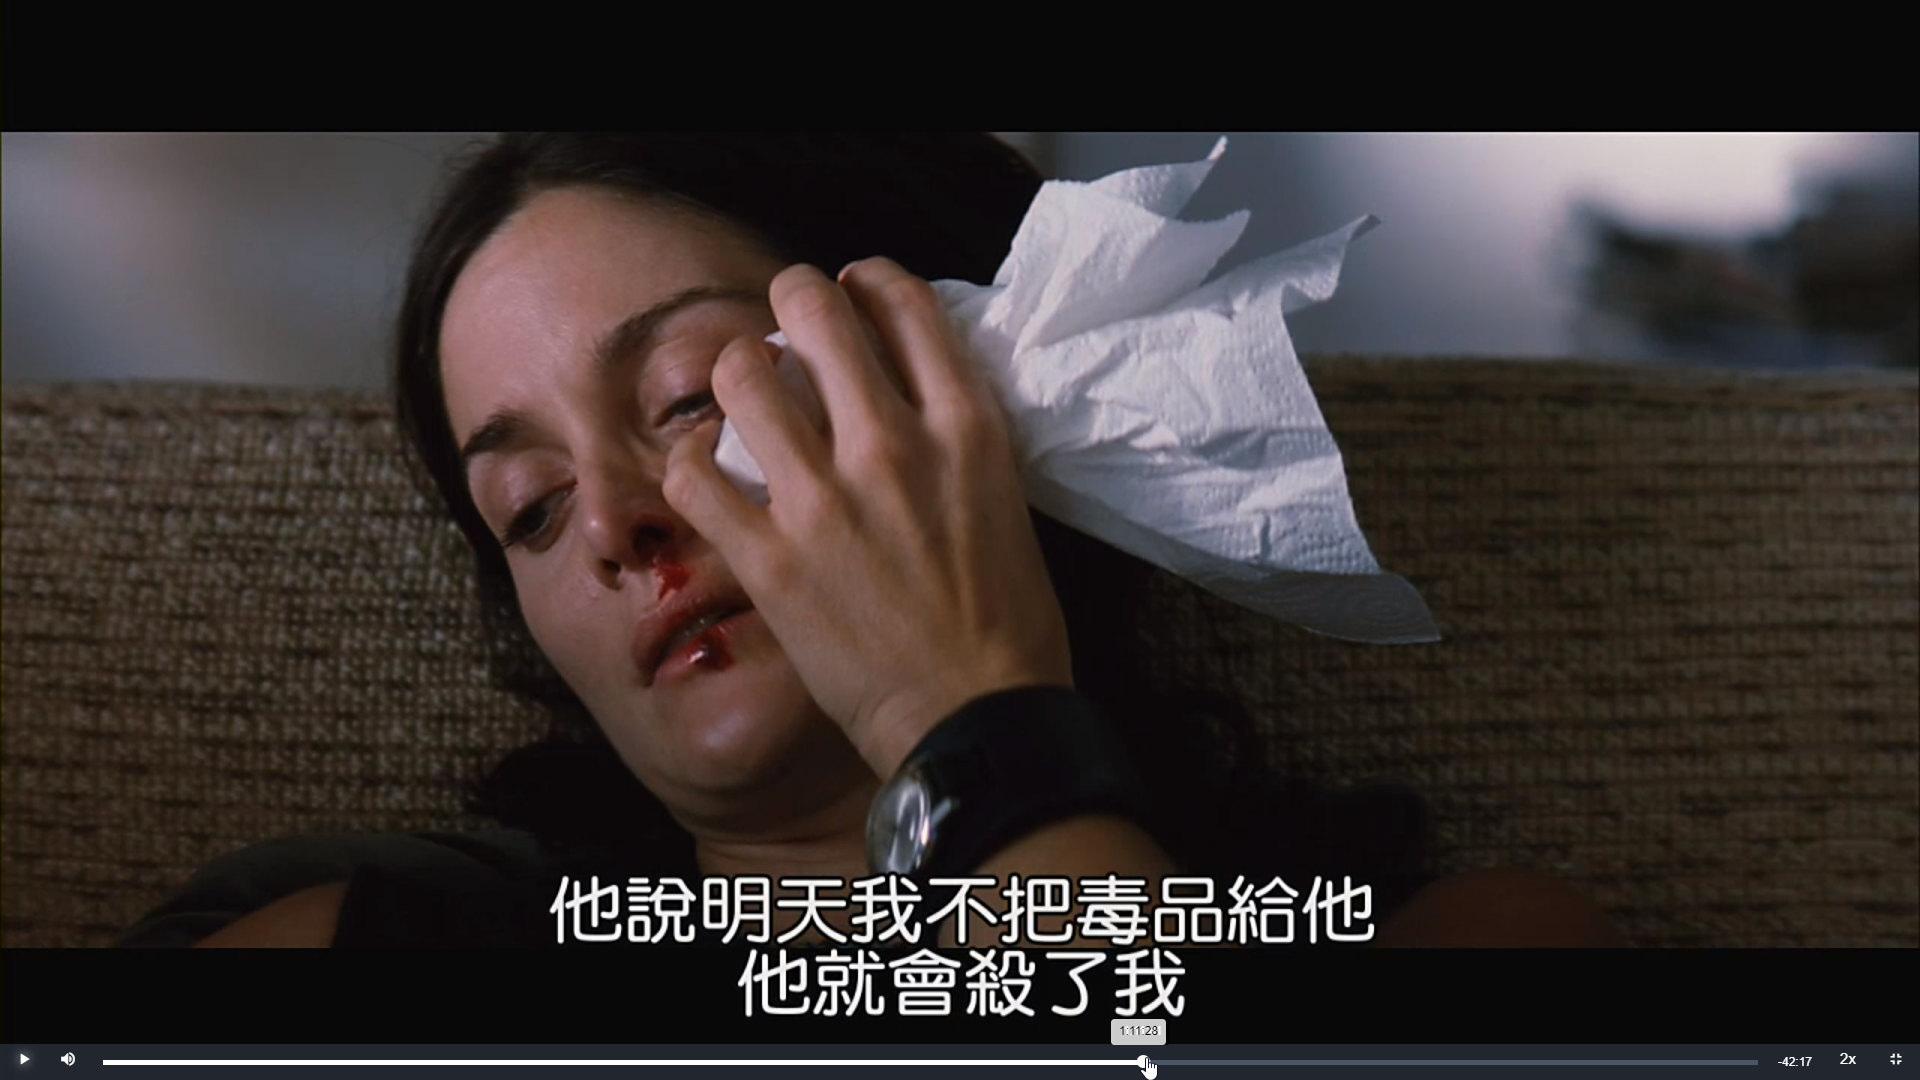 [感想] 電影-記憶拼圖 Memento (2000) 整理順序劇情&爭議討論-110.jpg